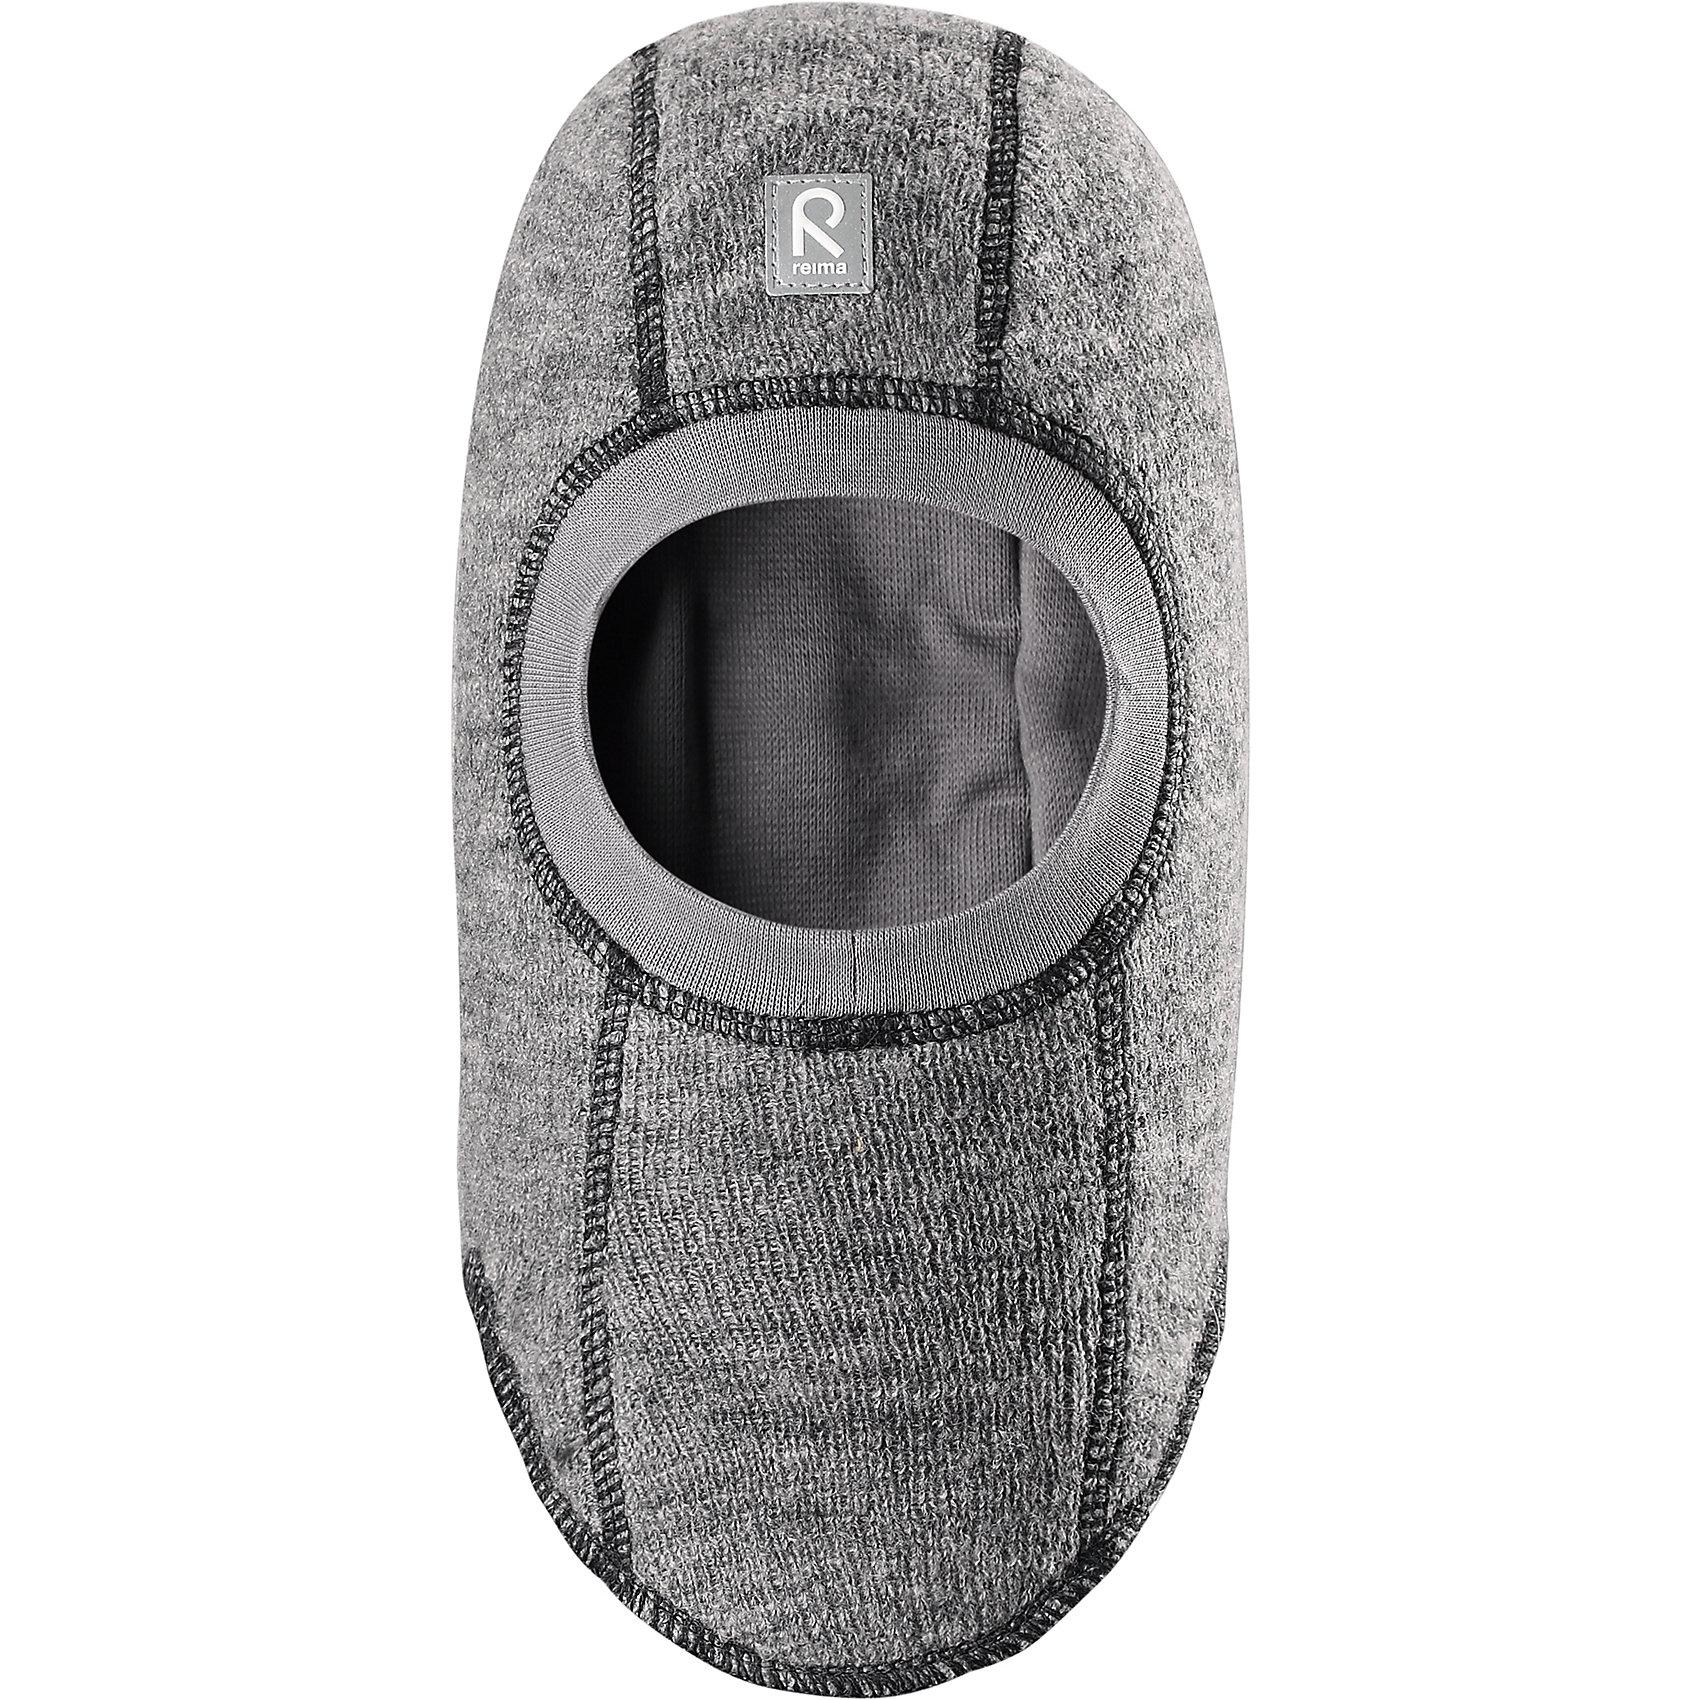 Шапка-шлем Repolainen ReimaШапки и шарфы<br>Шапка  Reima<br>Шапка-шлем для малышей. Шерсть идеально поддерживает температуру. Теплая шерстяная вязка (волокно). Товар сертифицирован Oeko-Tex, класс 1, одежда для малышей. Ветронепроницаемые вставки в области ушей. Мягкая подкладка из хлопка и эластана. Интересная структура поверхности. Светоотражающий элемент спереди.<br>Уход:<br>Стирать по отдельности, вывернув наизнанку. Придать первоначальную форму вo влажном виде. Возможна усадка 5 %.<br>Состав:<br>100% Шерсть<br><br>Ширина мм: 89<br>Глубина мм: 117<br>Высота мм: 44<br>Вес г: 155<br>Цвет: серый<br>Возраст от месяцев: 6<br>Возраст до месяцев: 9<br>Пол: Мужской<br>Возраст: Детский<br>Размер: 46,52,50,48<br>SKU: 4777122